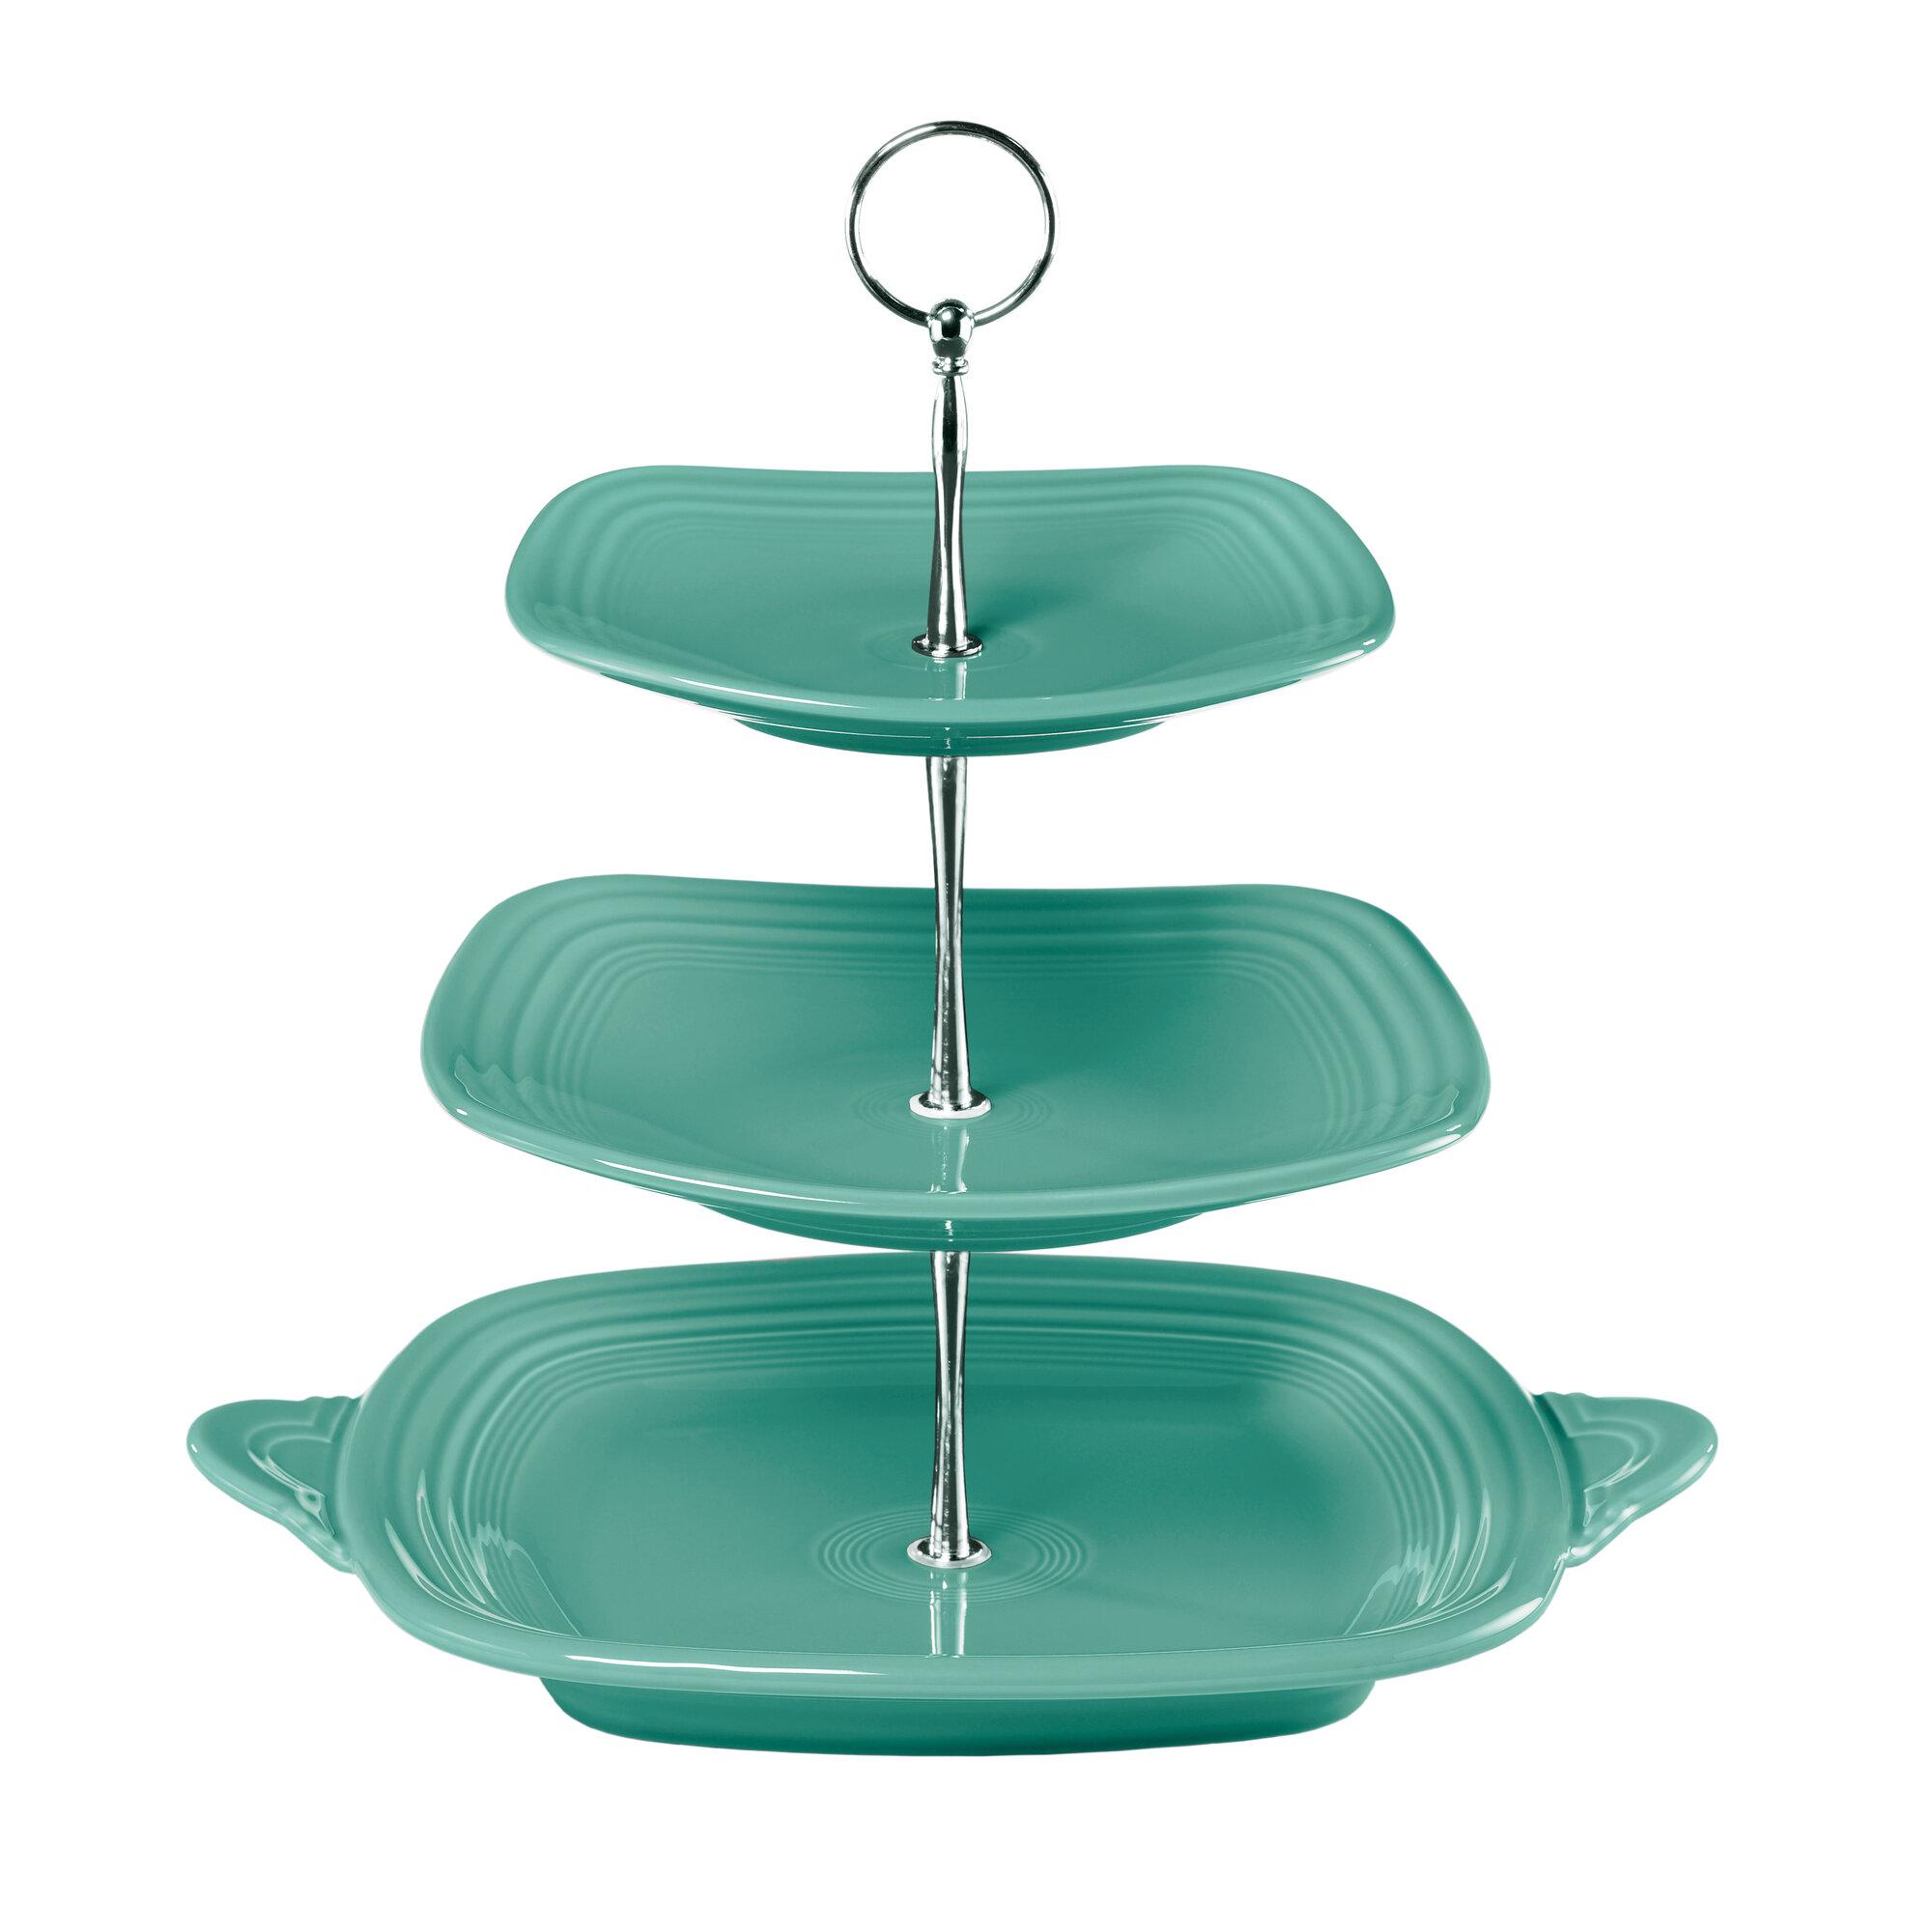 fiesta 3 tier serving stand ebay. Black Bedroom Furniture Sets. Home Design Ideas